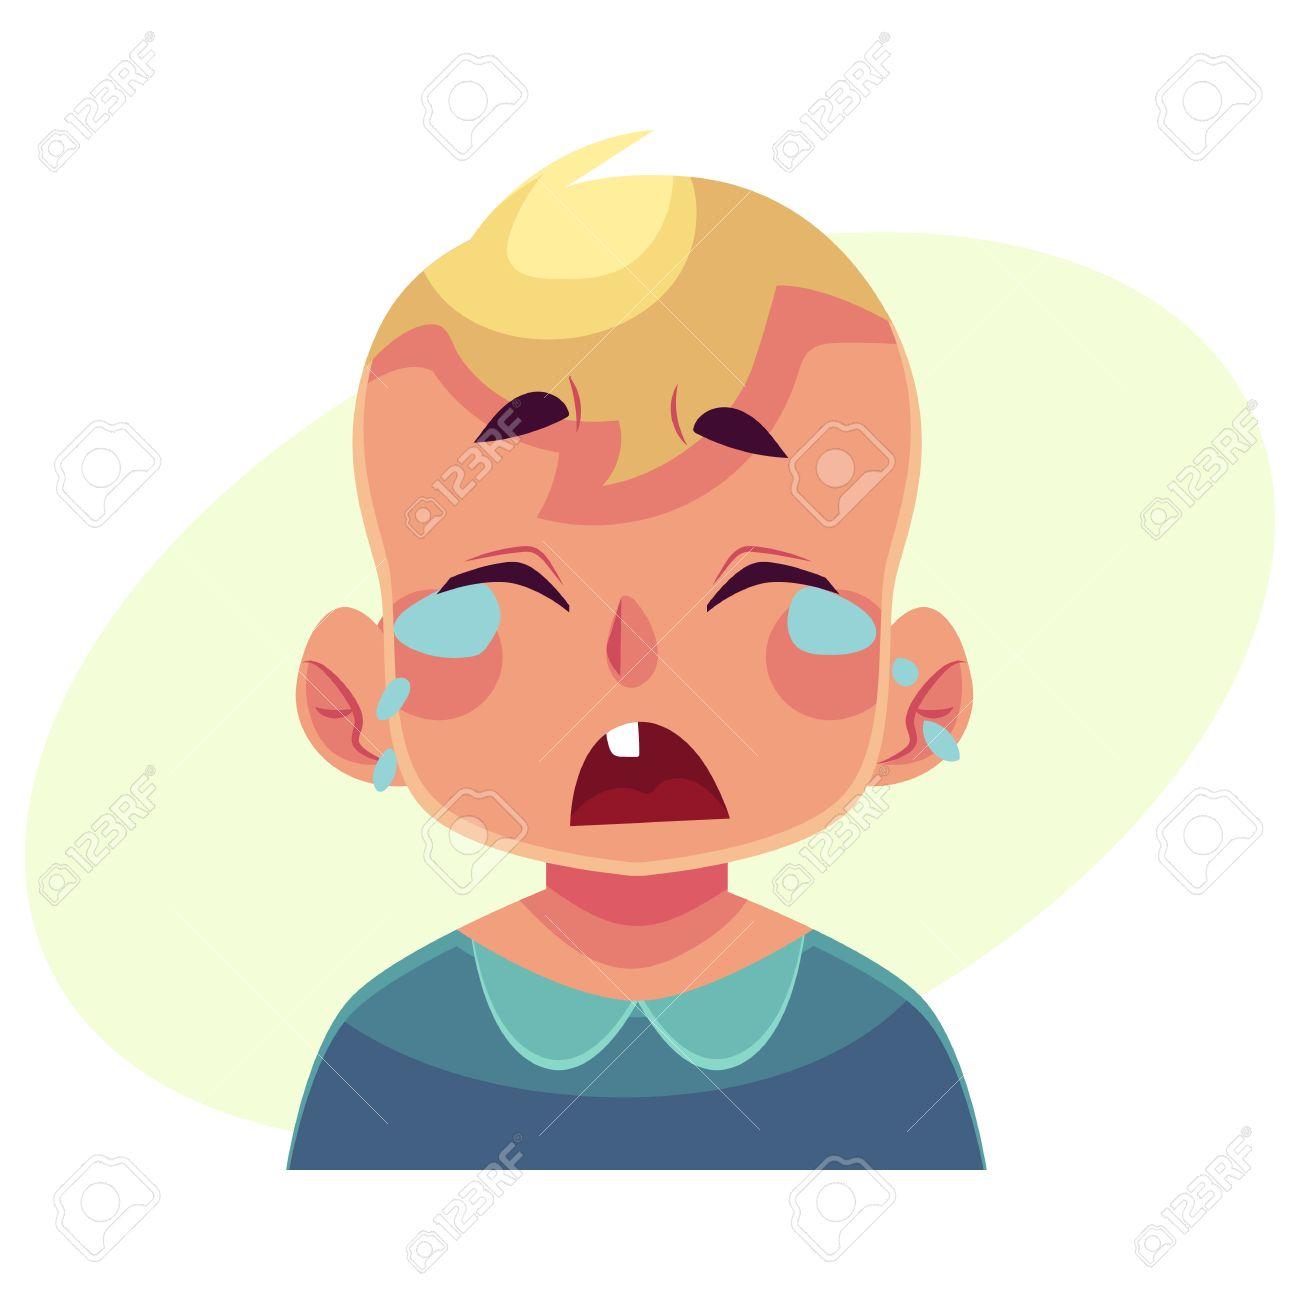 少年顔表情黄色 Backgroundd で分離された漫画ベクトル イラストを